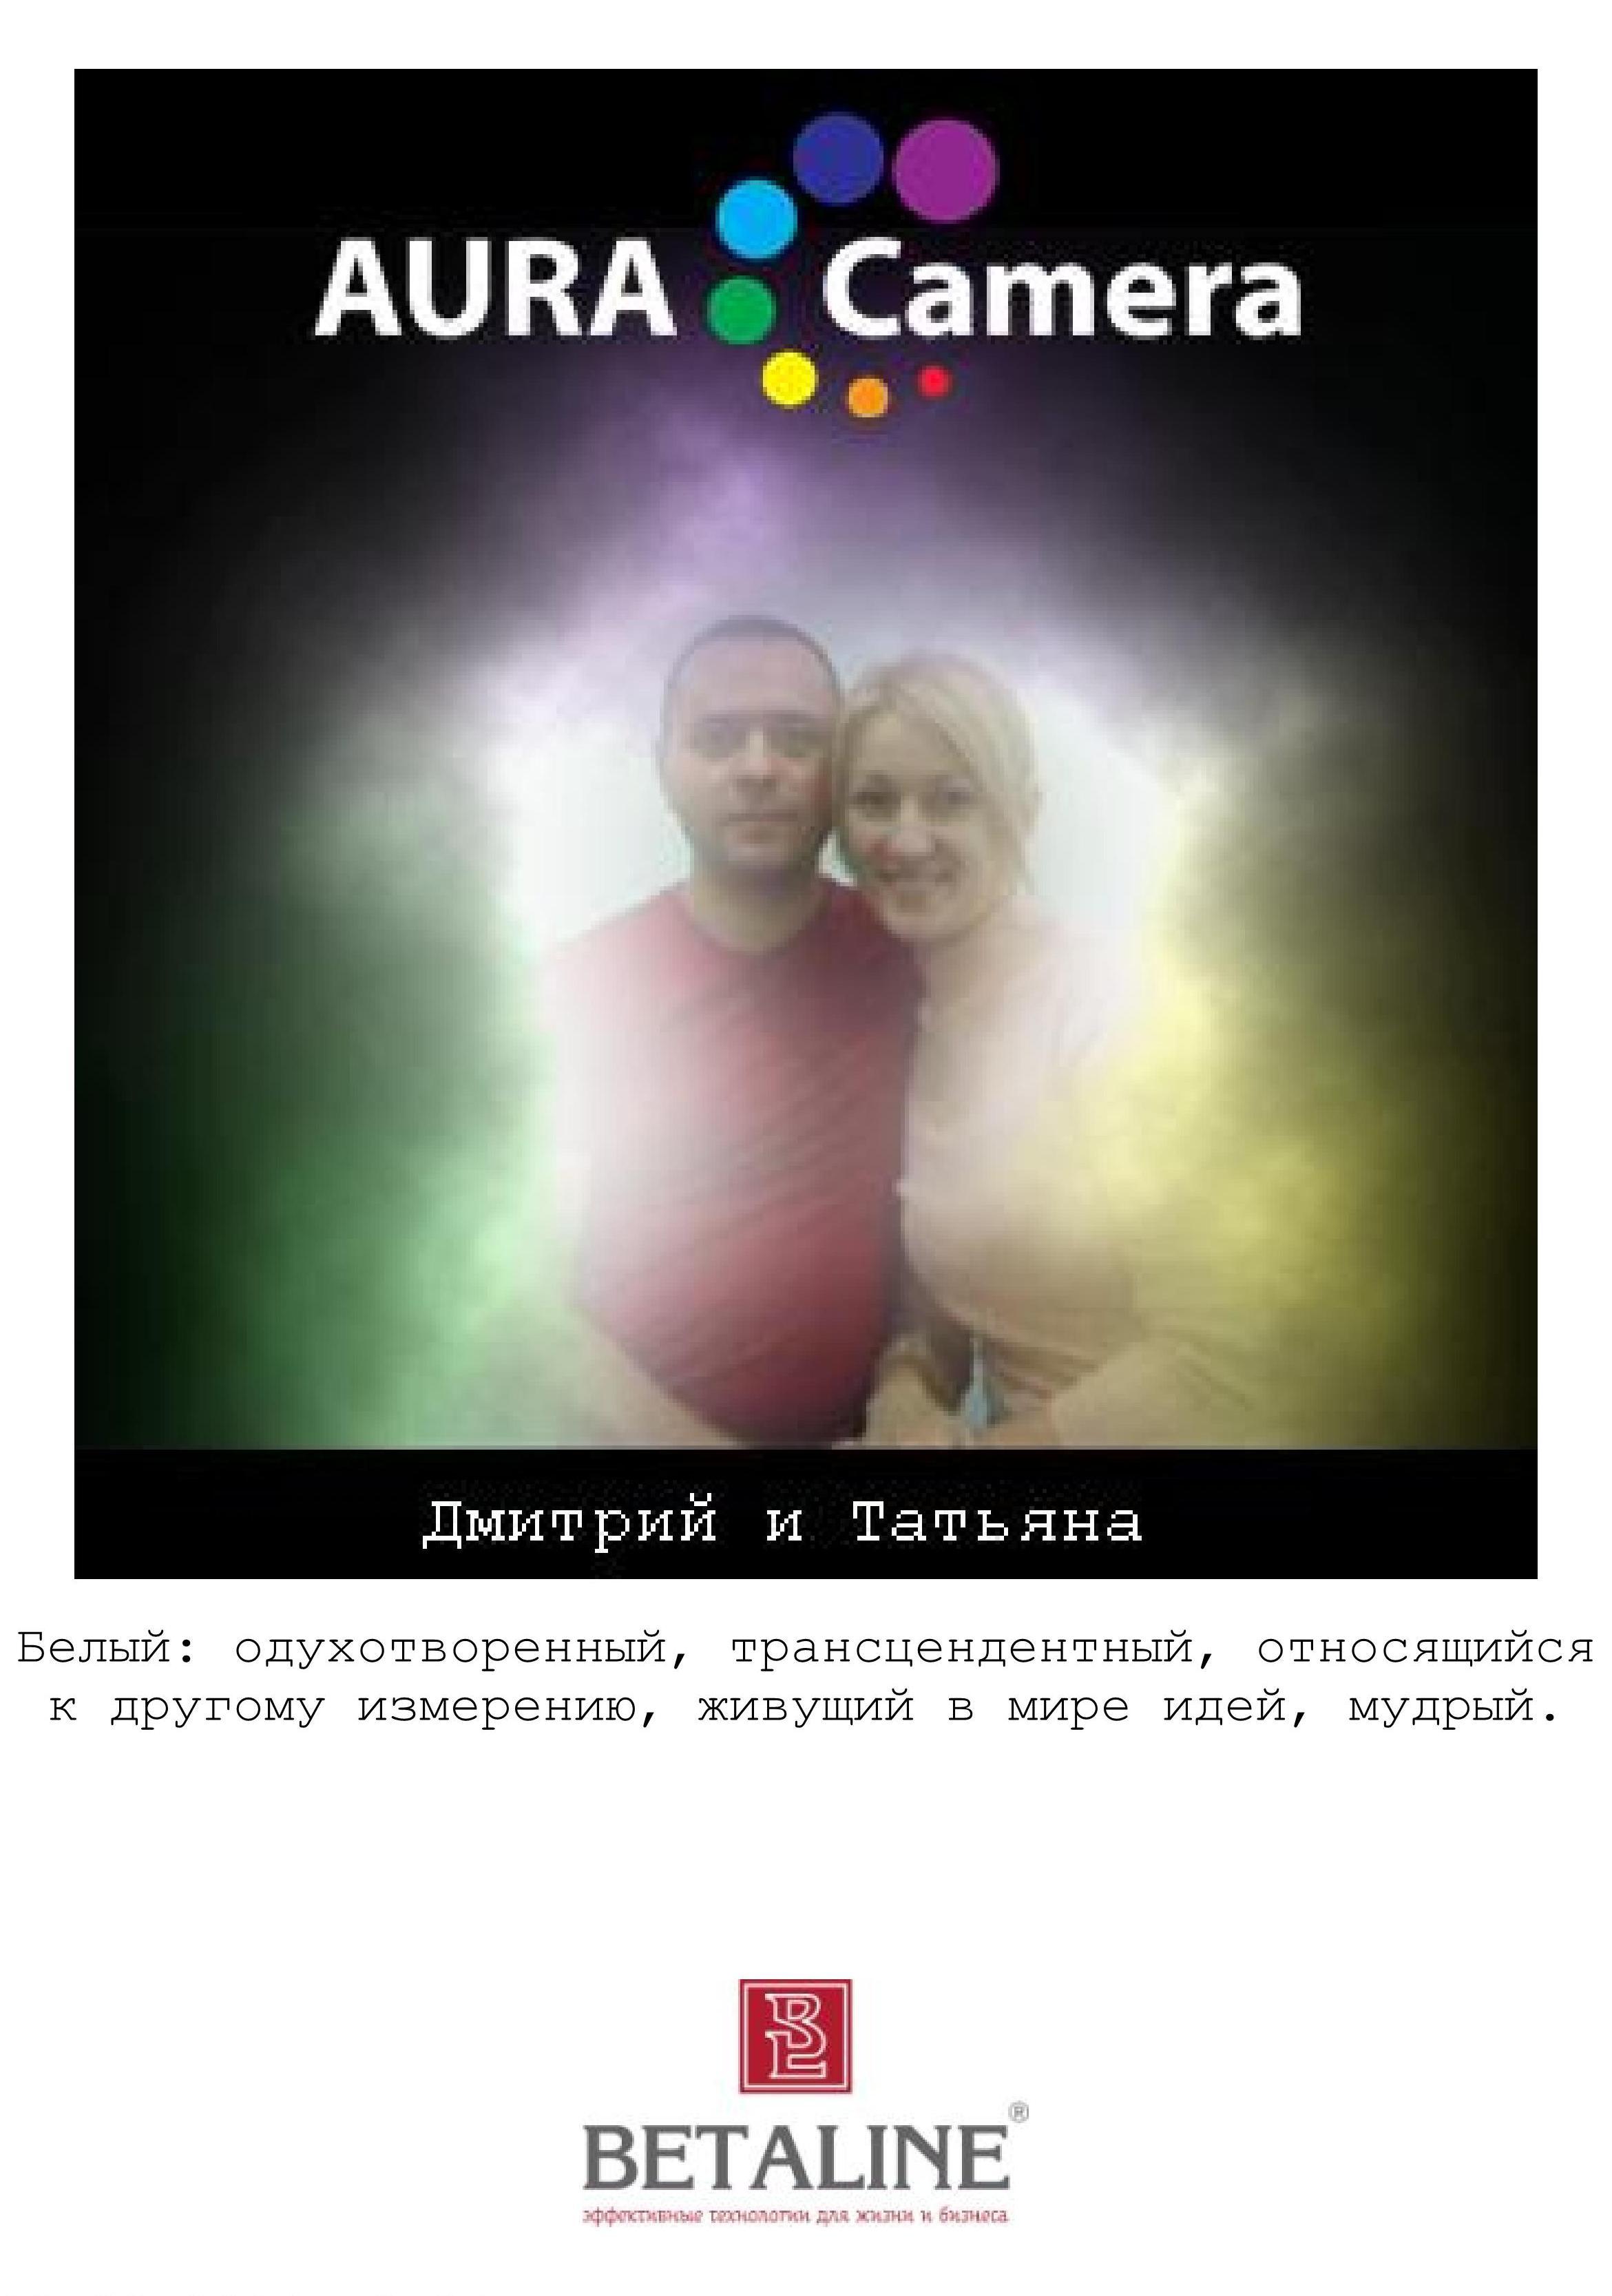 Report01N Мальковы Дмитрий и Татьяна1